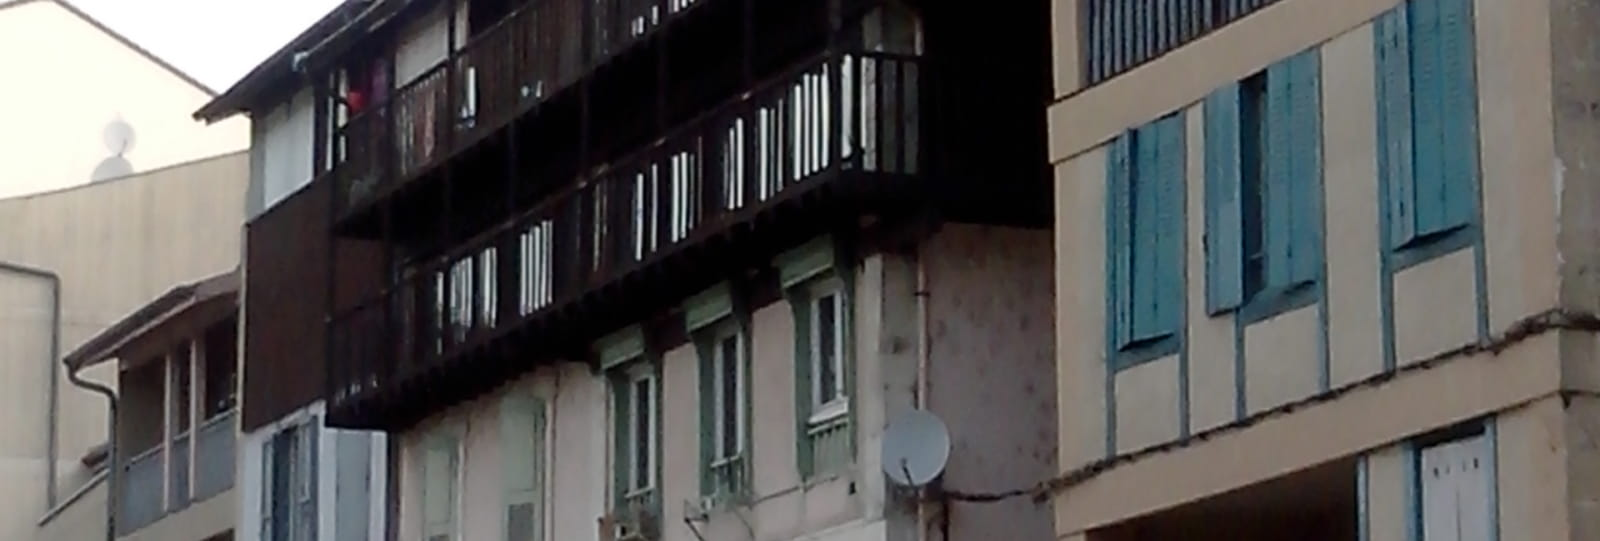 Les Anciennes Maisons des Tanneurs